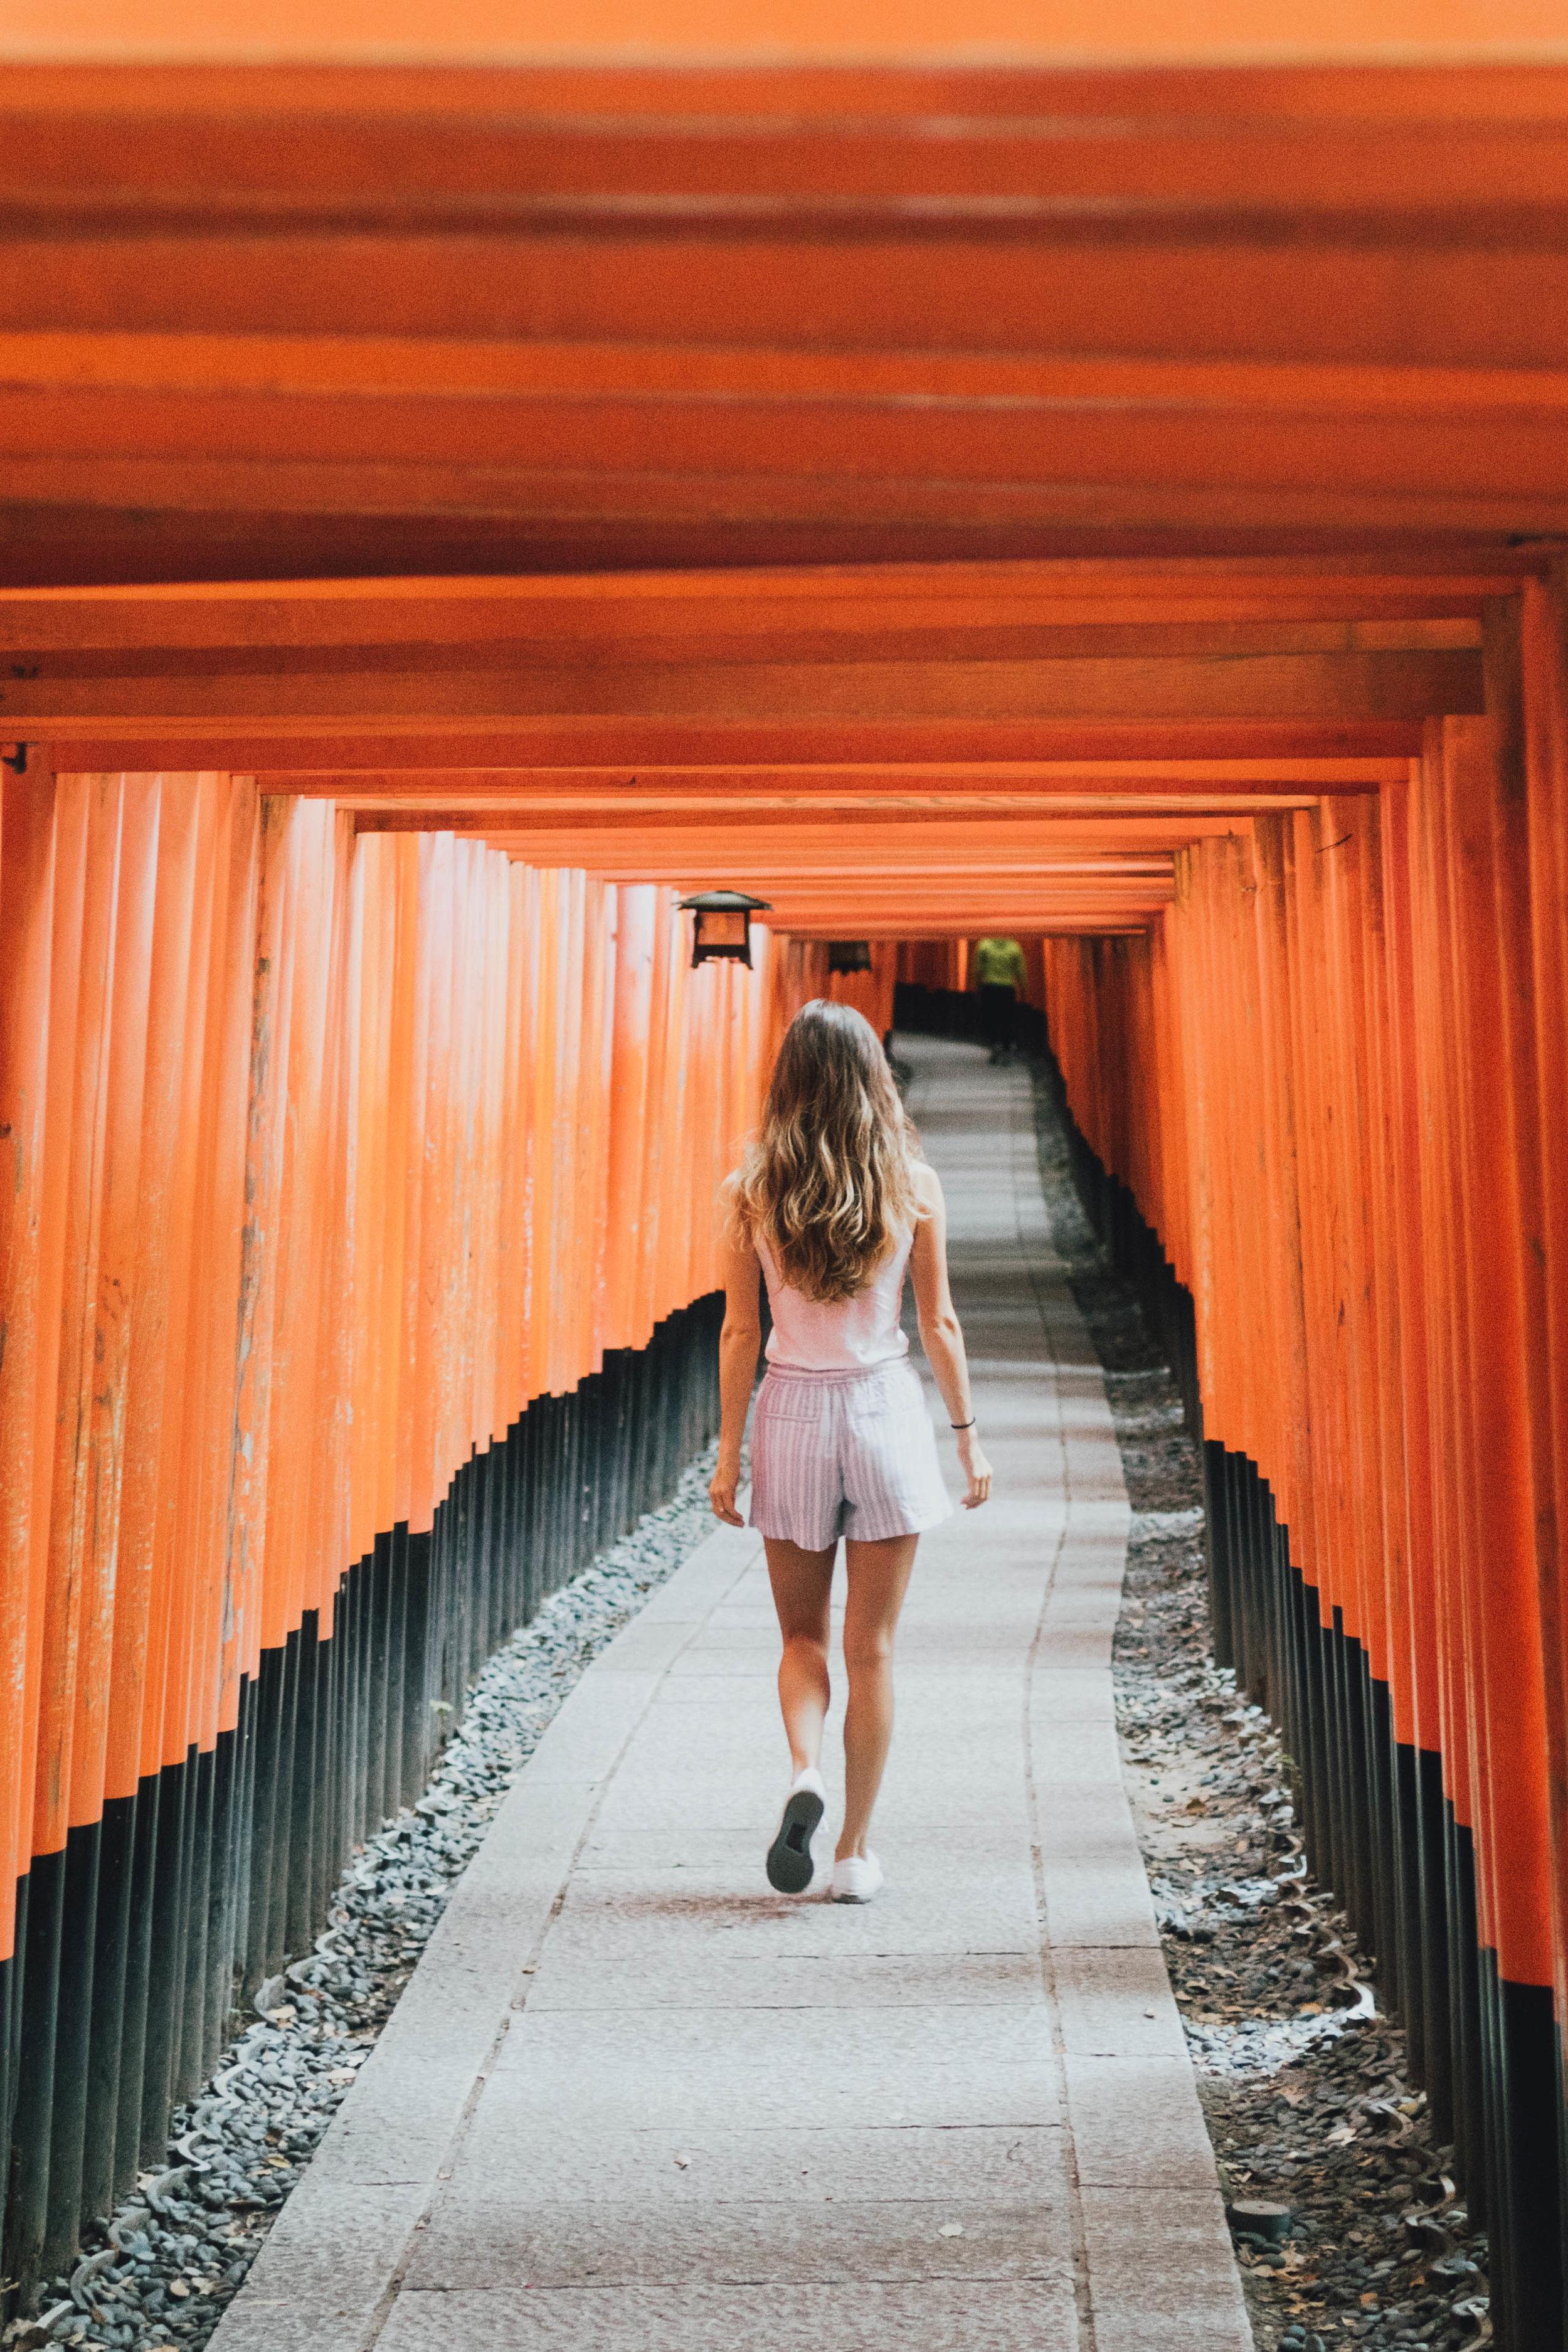 fushimi-inari-shrine-photos-by-samantha-look.jpg